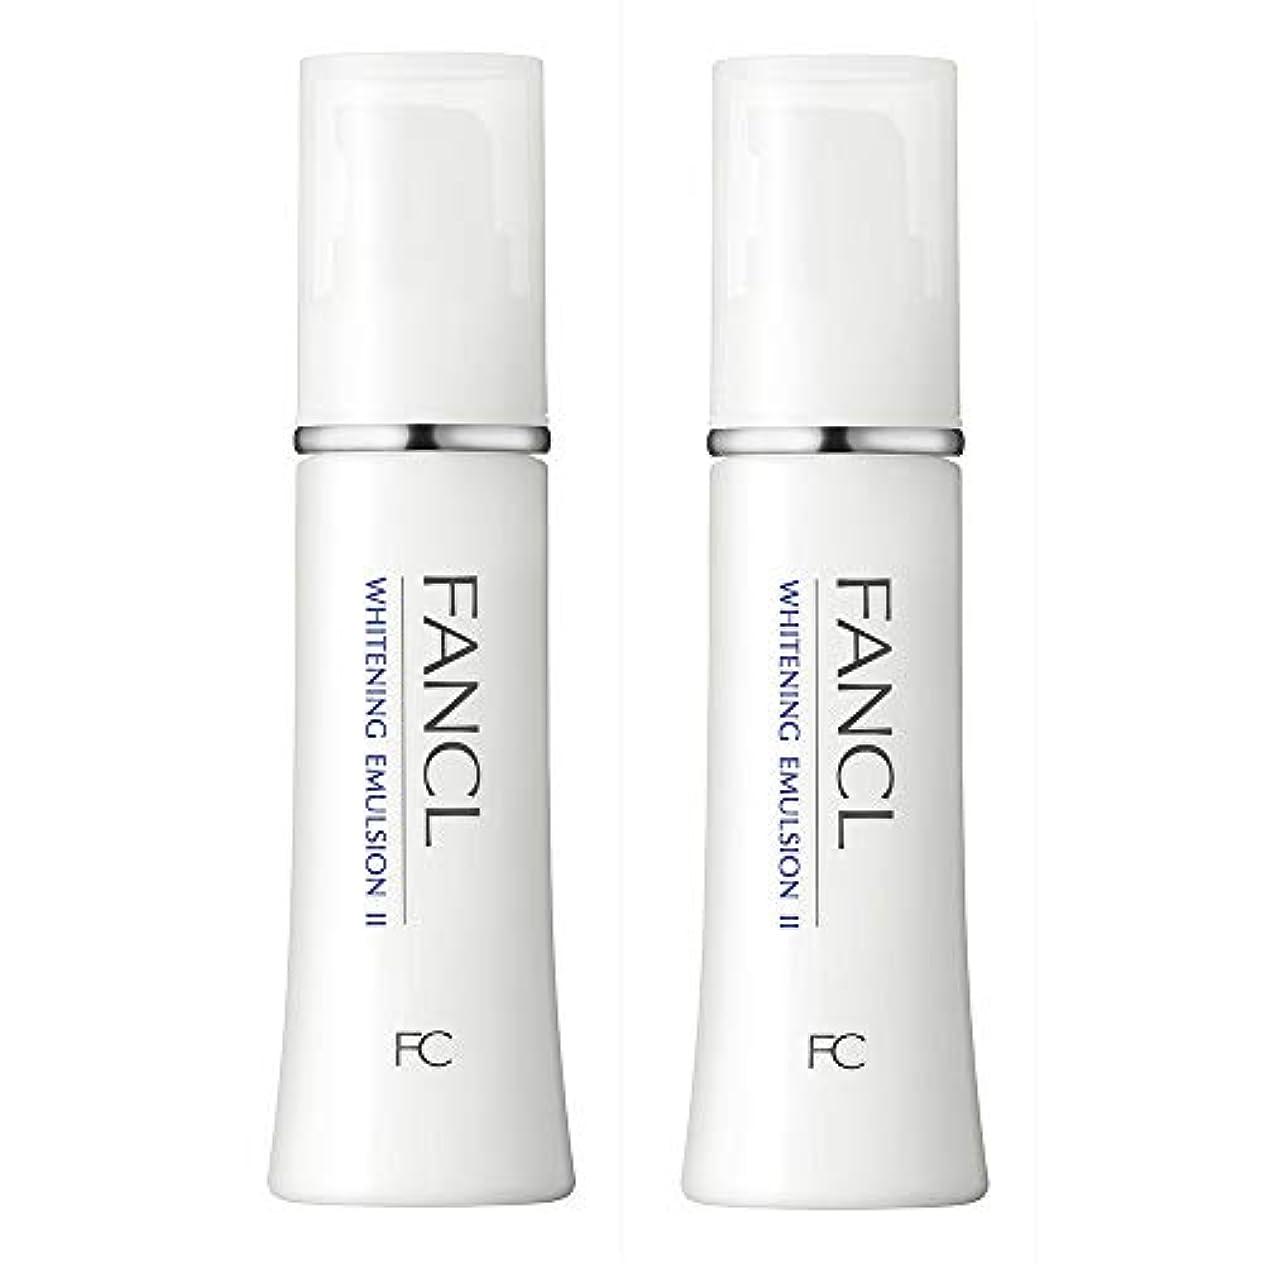 香り余計な害虫ファンケル(FANCL) 新 ホワイトニング 乳液 II しっとり 2本<医薬部外品>